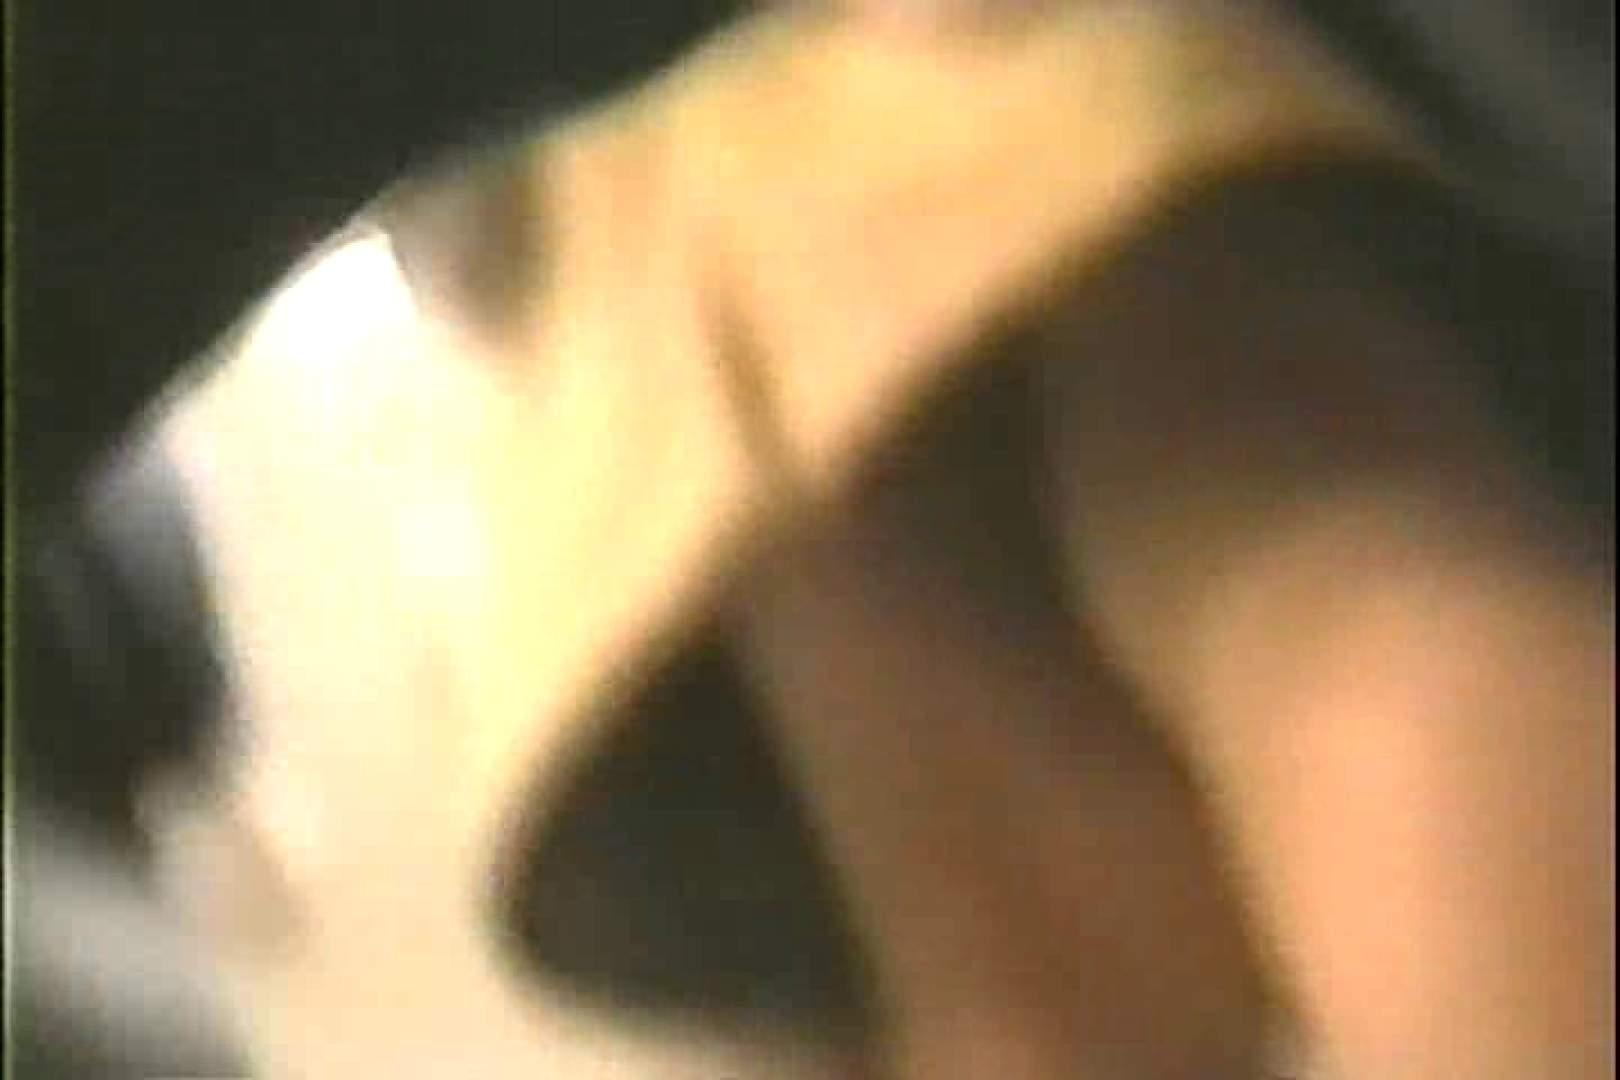 「ちくりん」さんのオリジナル未編集パンチラVol.5_02 パンチラ  76画像 36